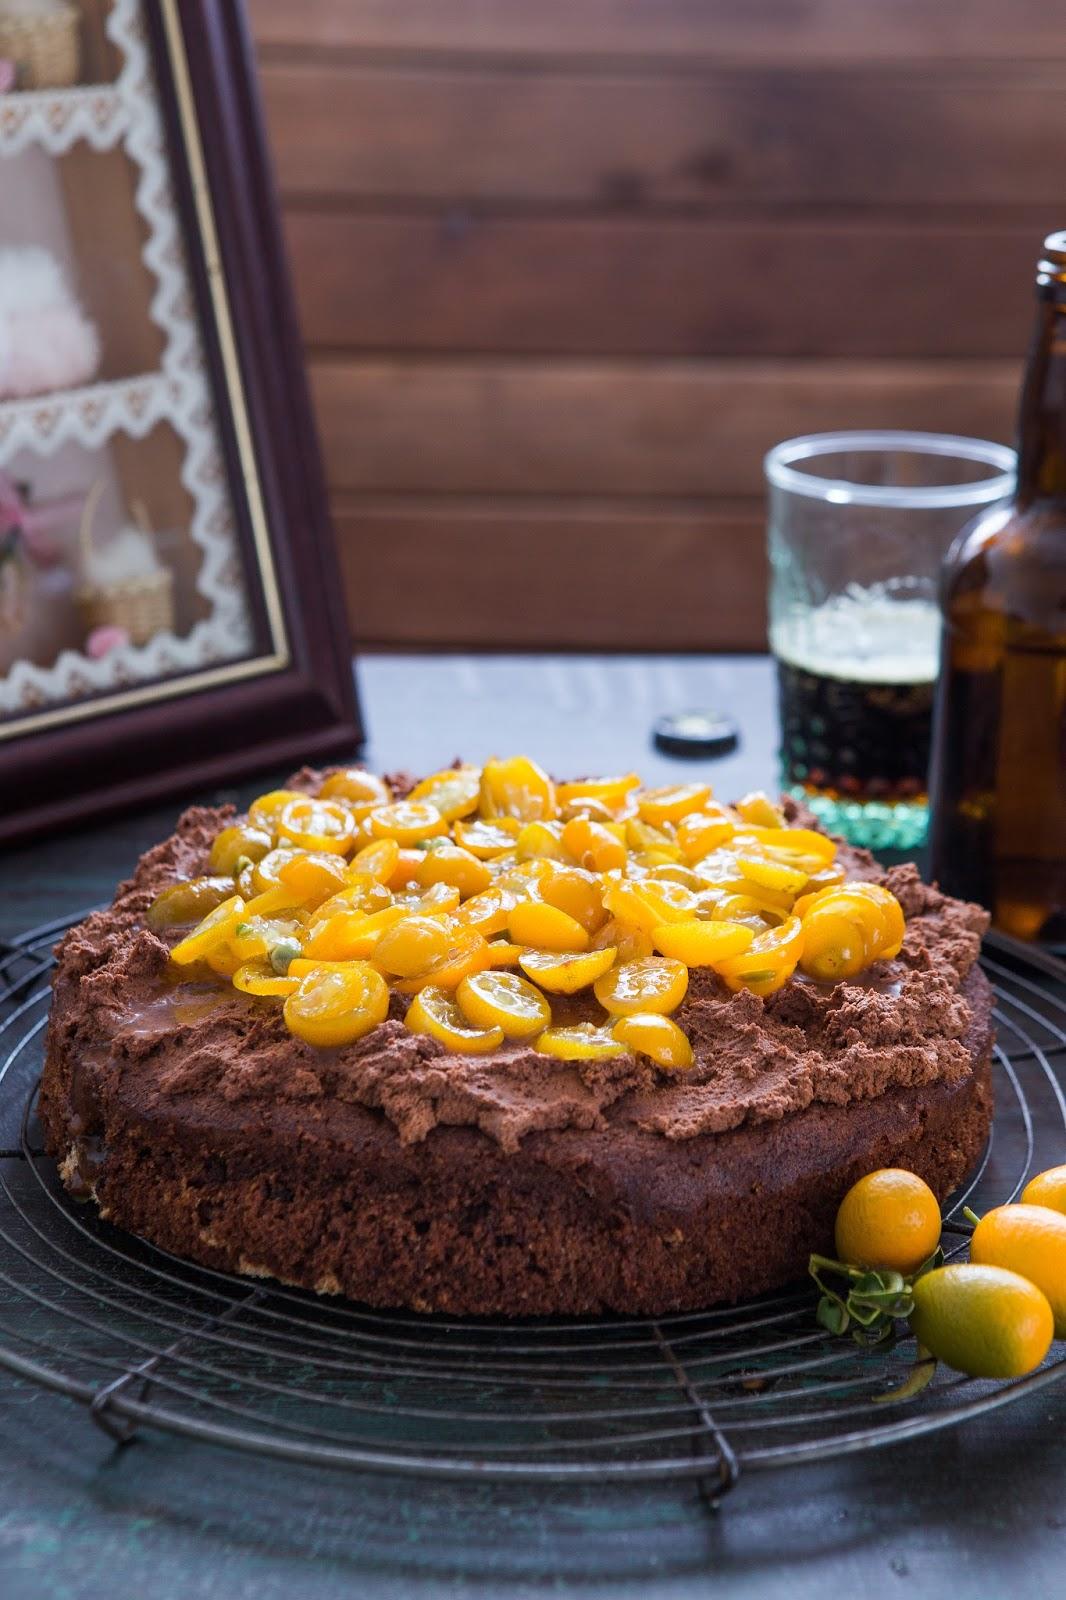 choc kumquat cake-1850